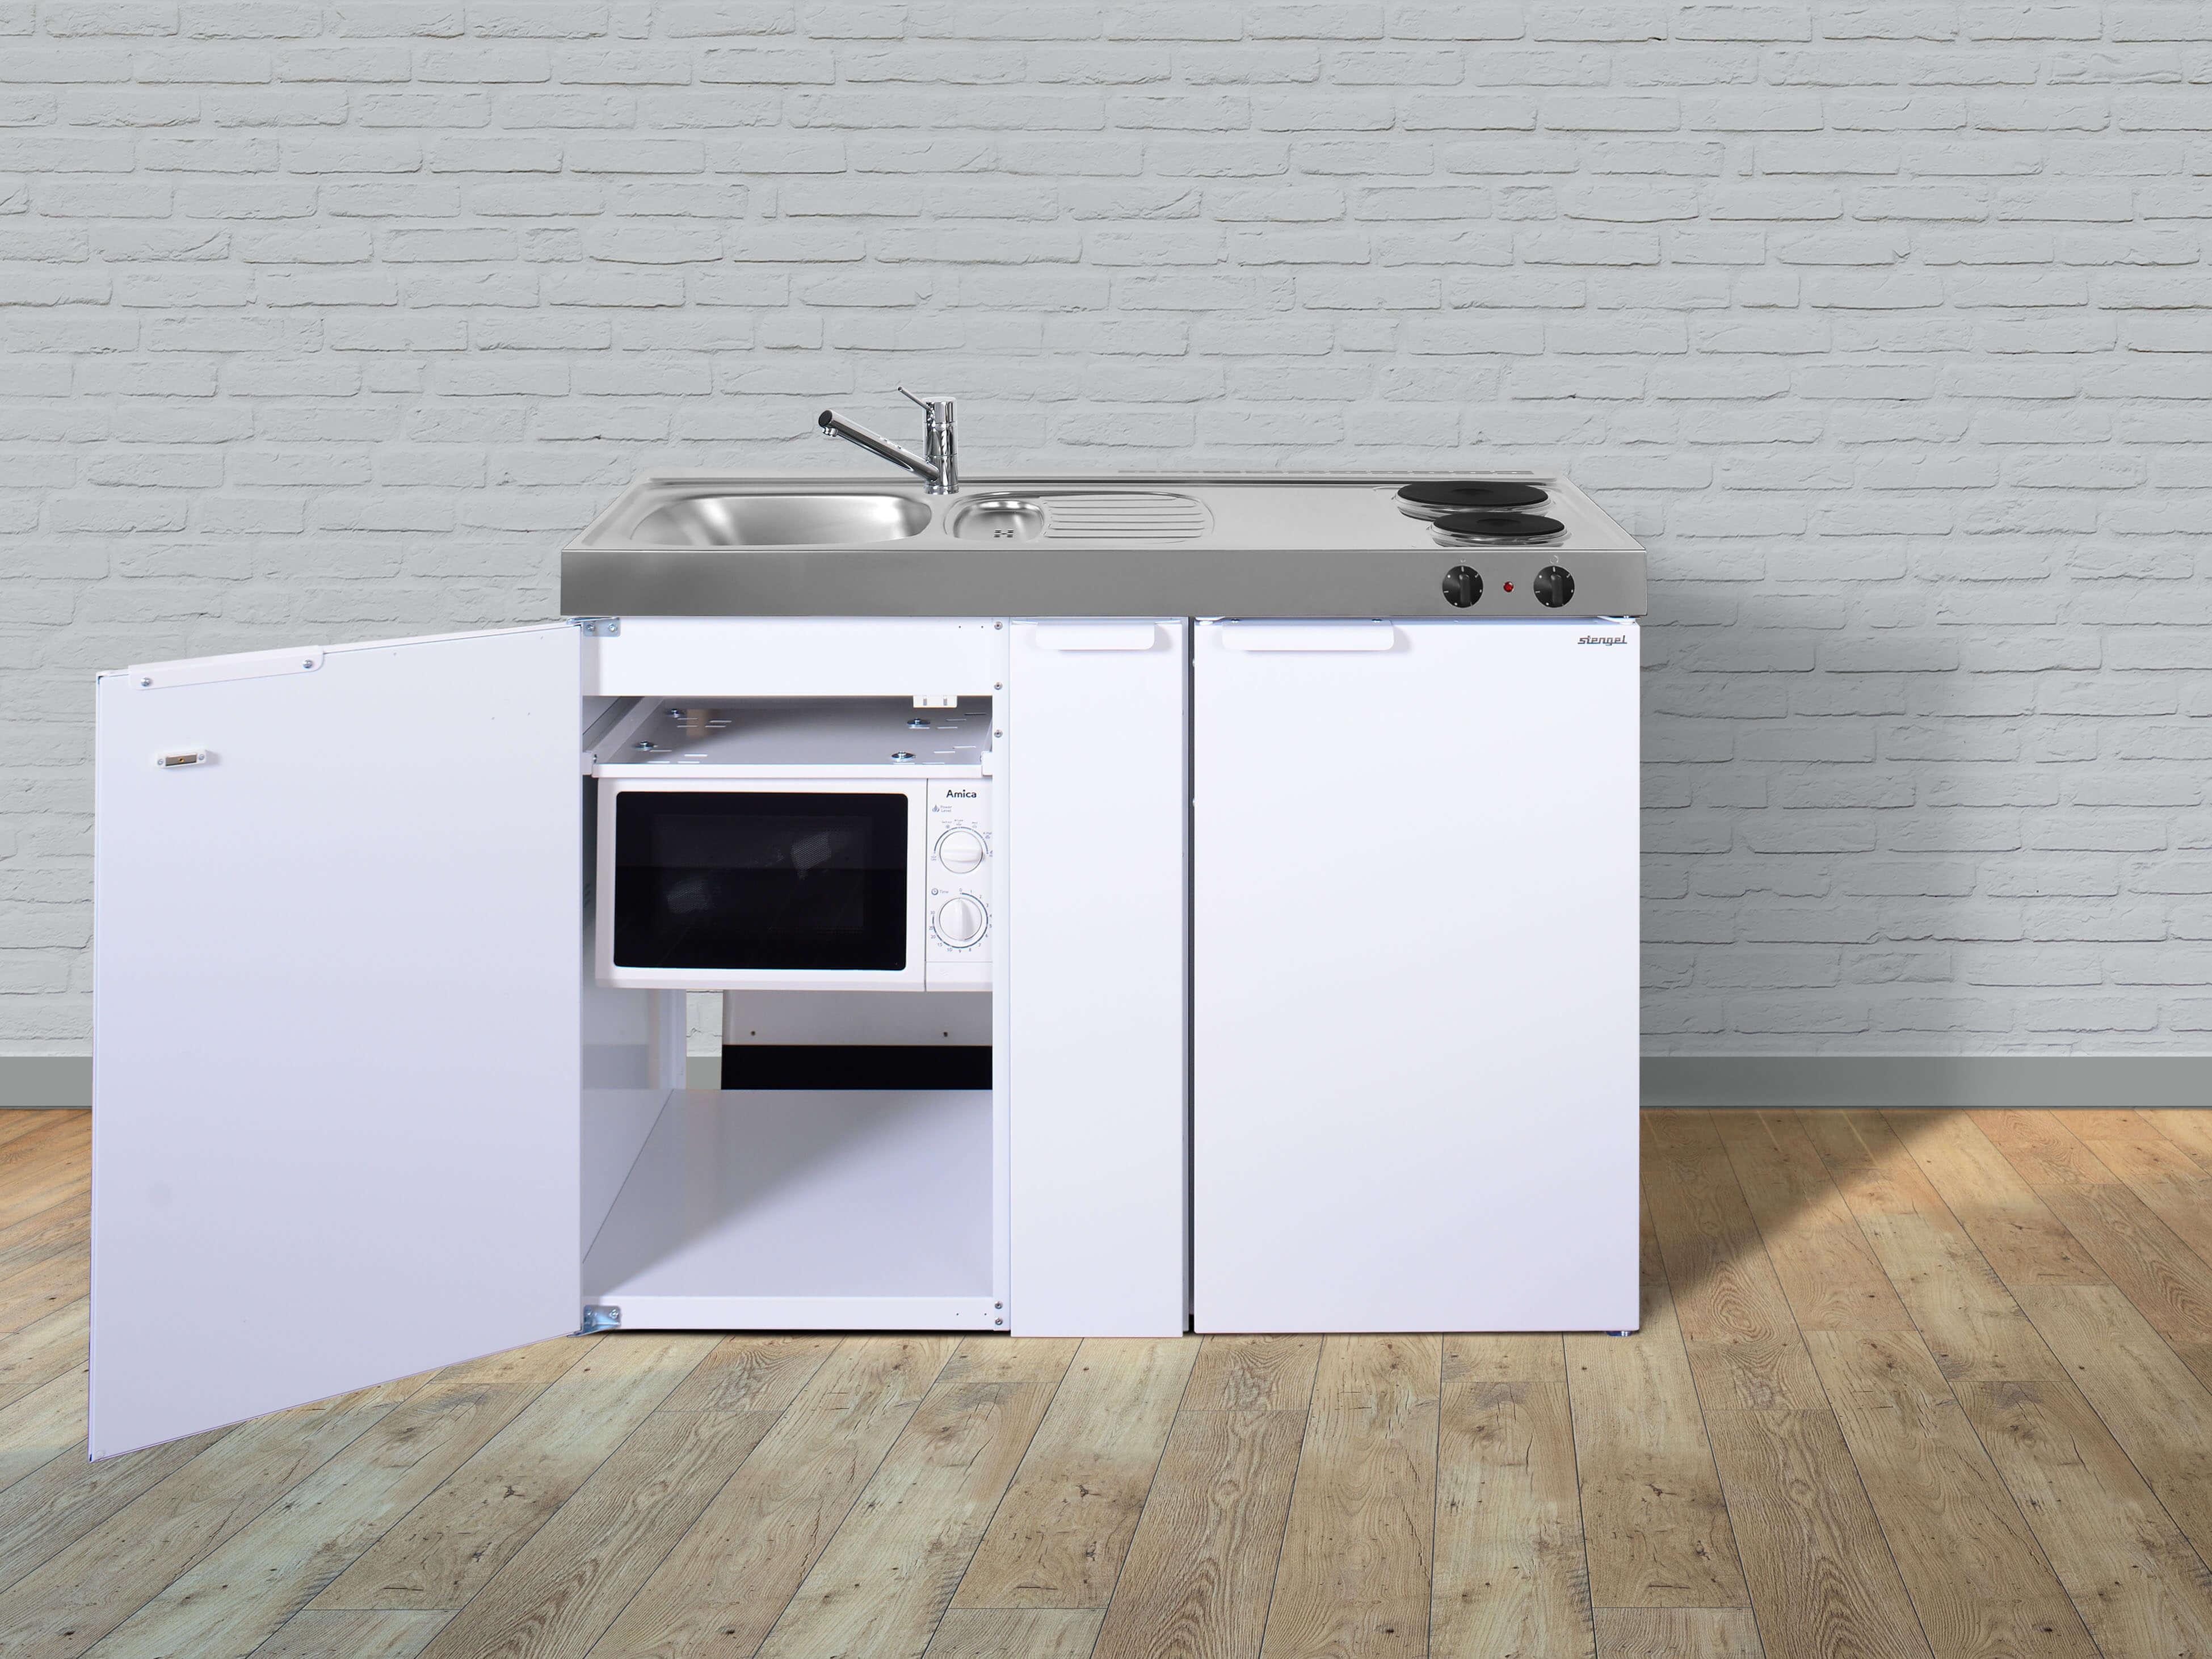 Miniküche Mit Kühlschrank Und Herd 120 Cm : Miniküchen singleküchen günstig kaufen miniküchen online